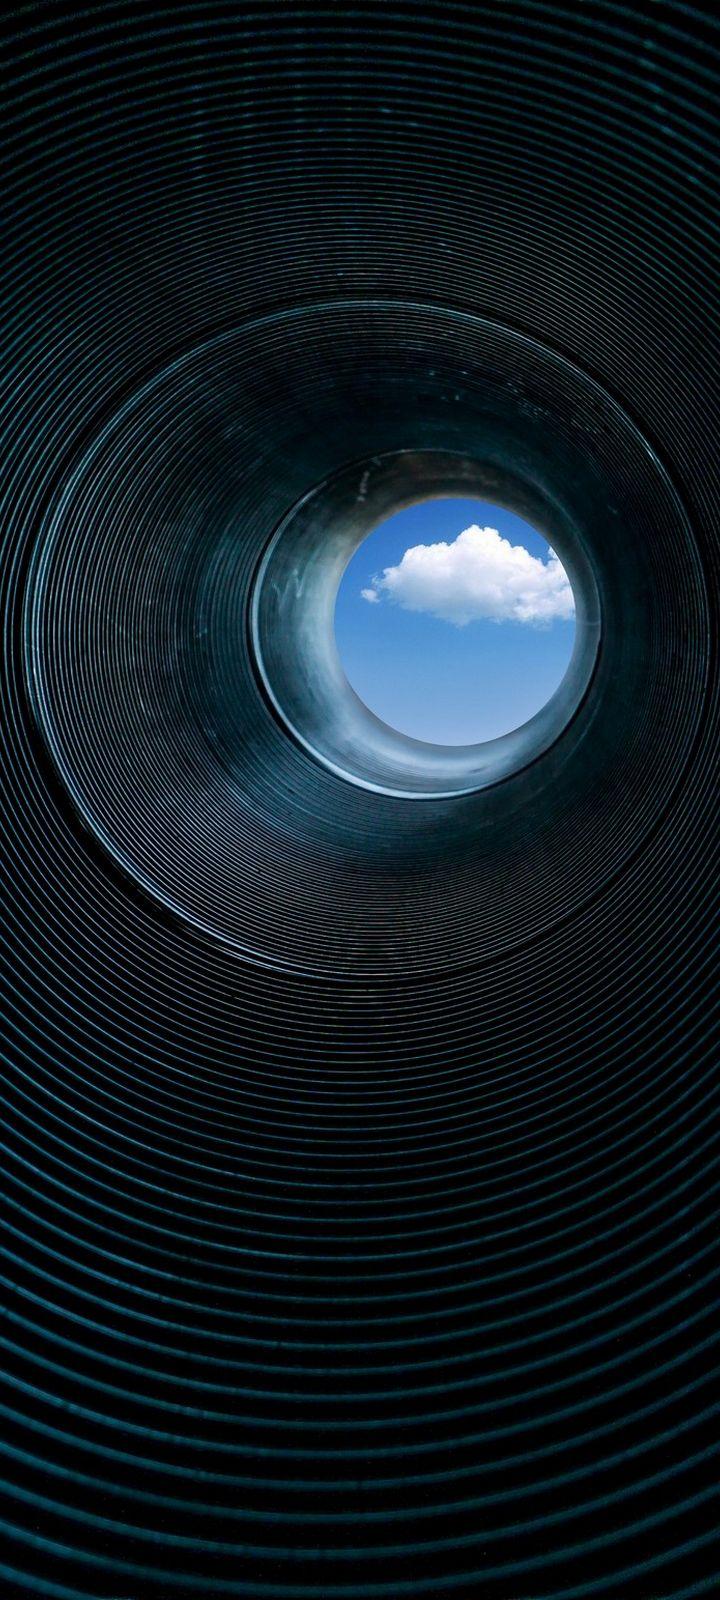 Pipe Rings Cloud Wallpaper 720x1600